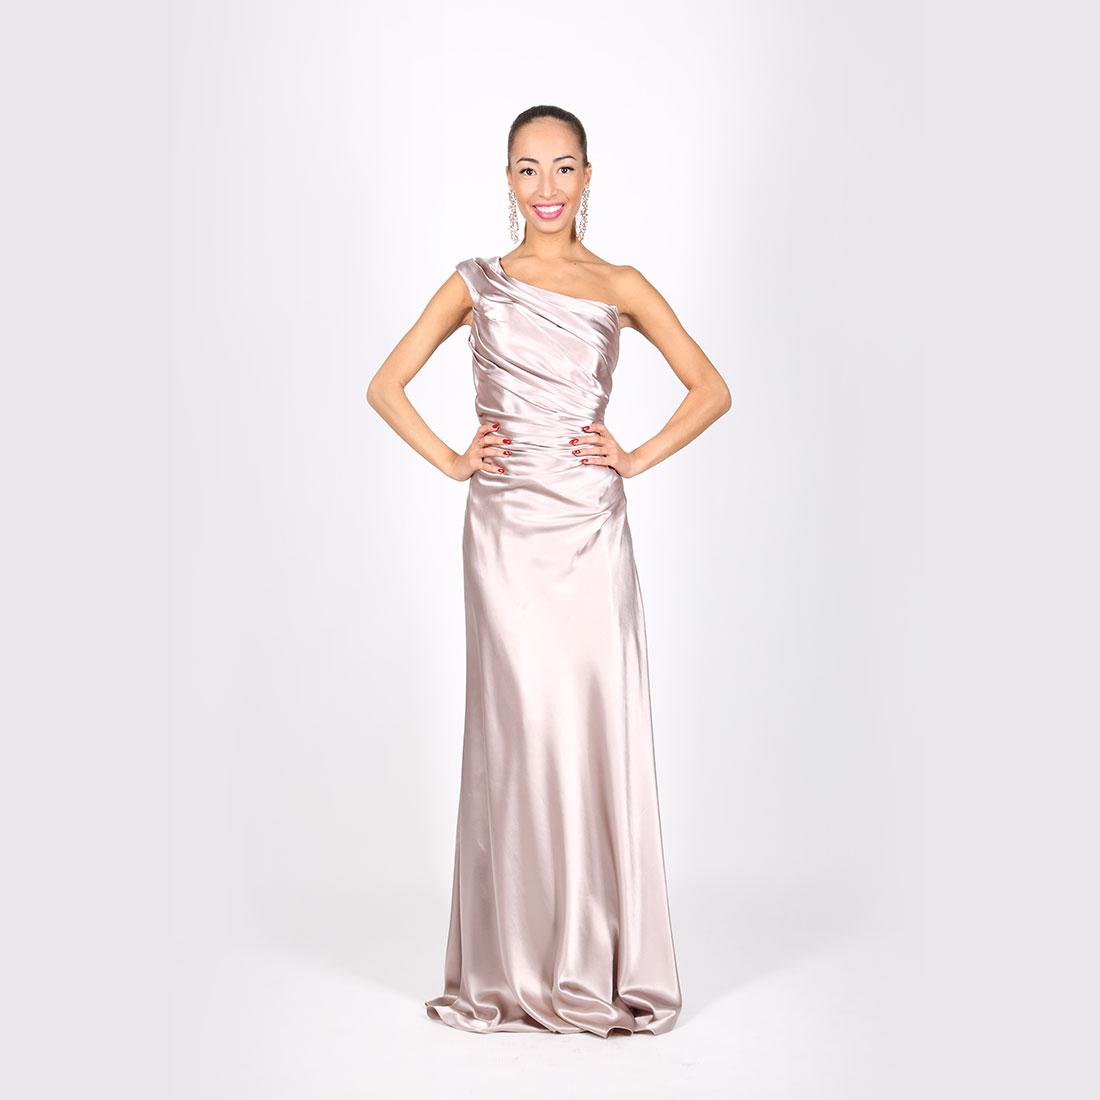 51c7d6622055 Bledo-ružové saténové šaty nariasené na jedno rameno